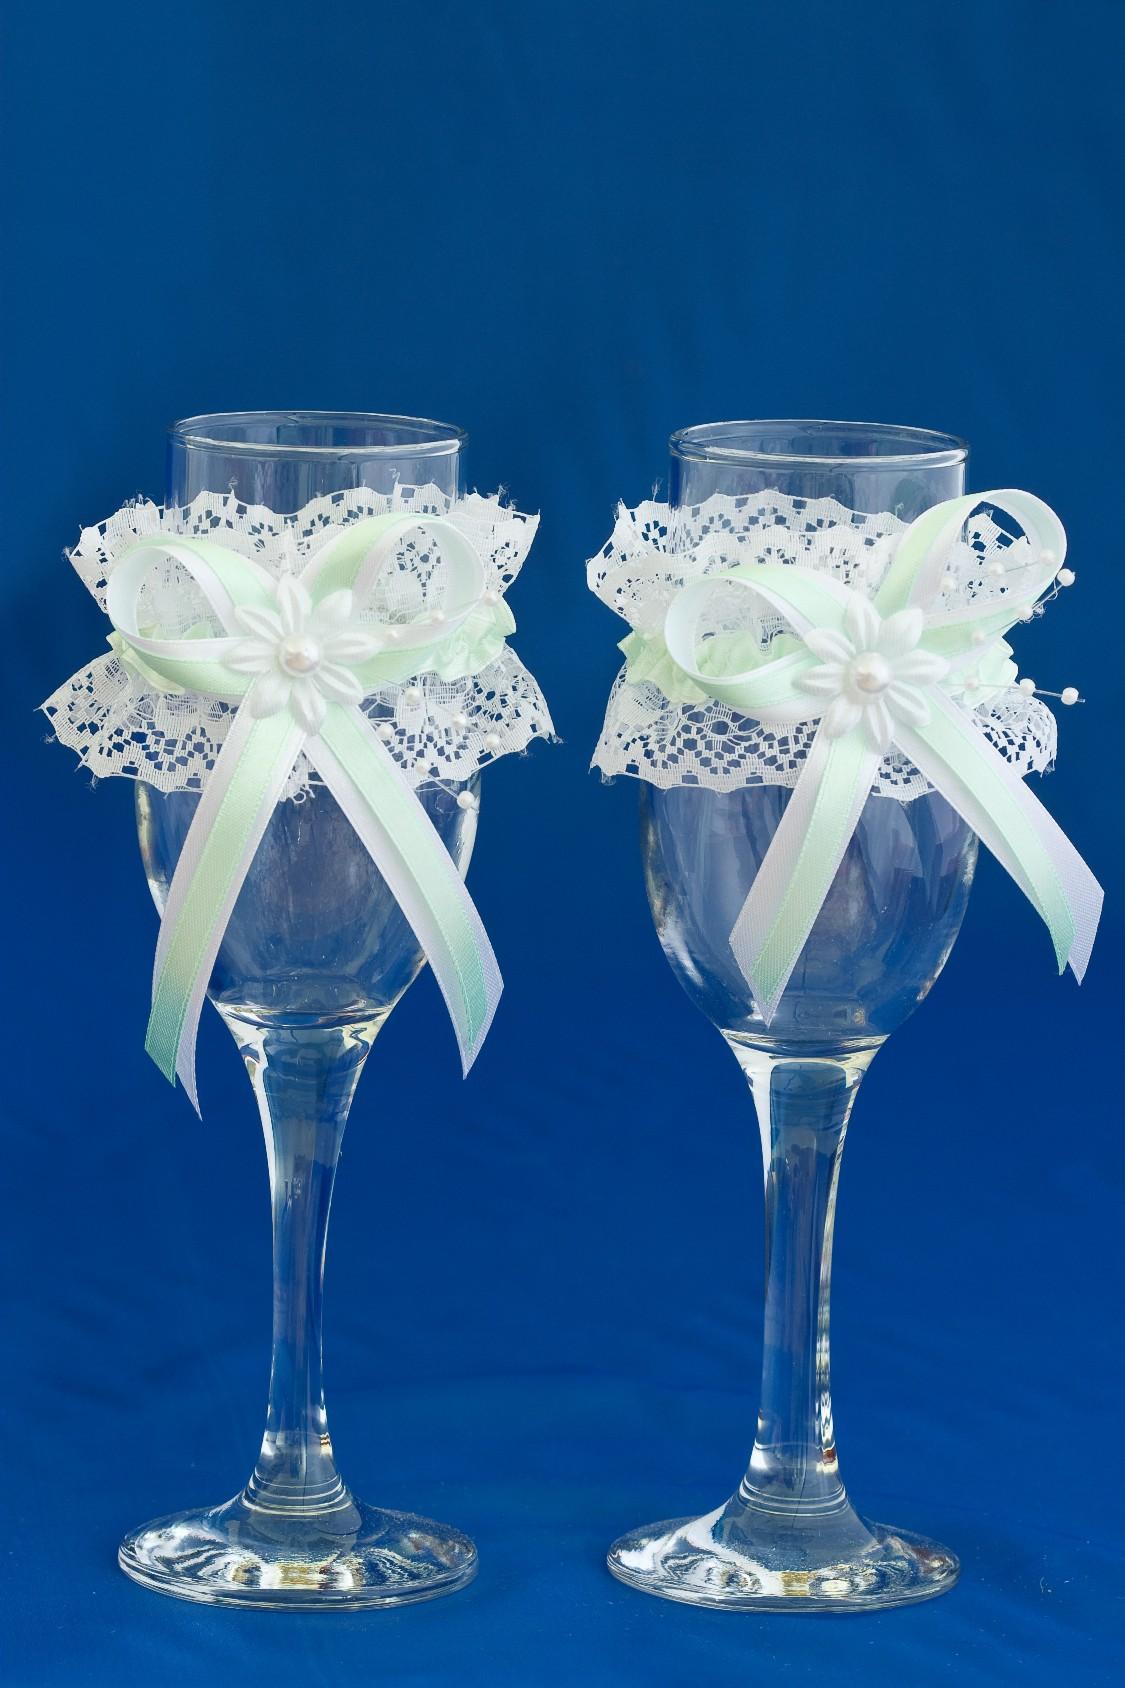 Как украсить бокалы на свадьбу своими руками кружевом